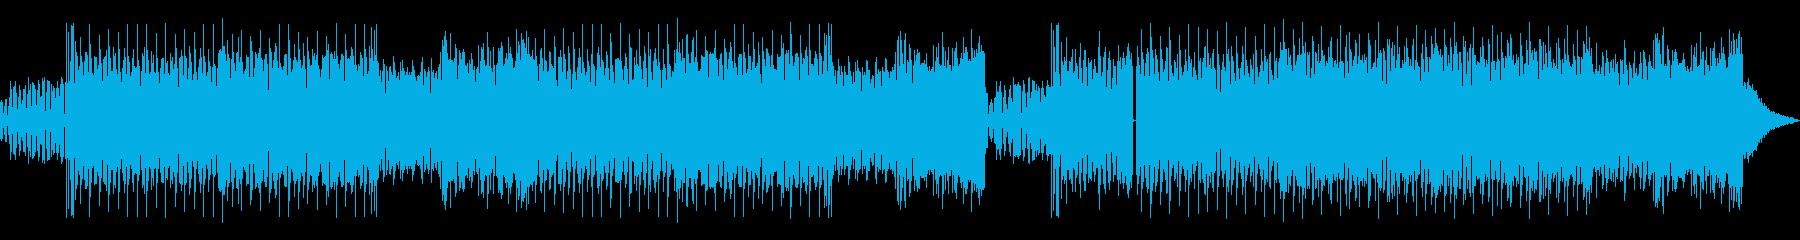 攻撃的でアゲアゲなEDMビートの再生済みの波形